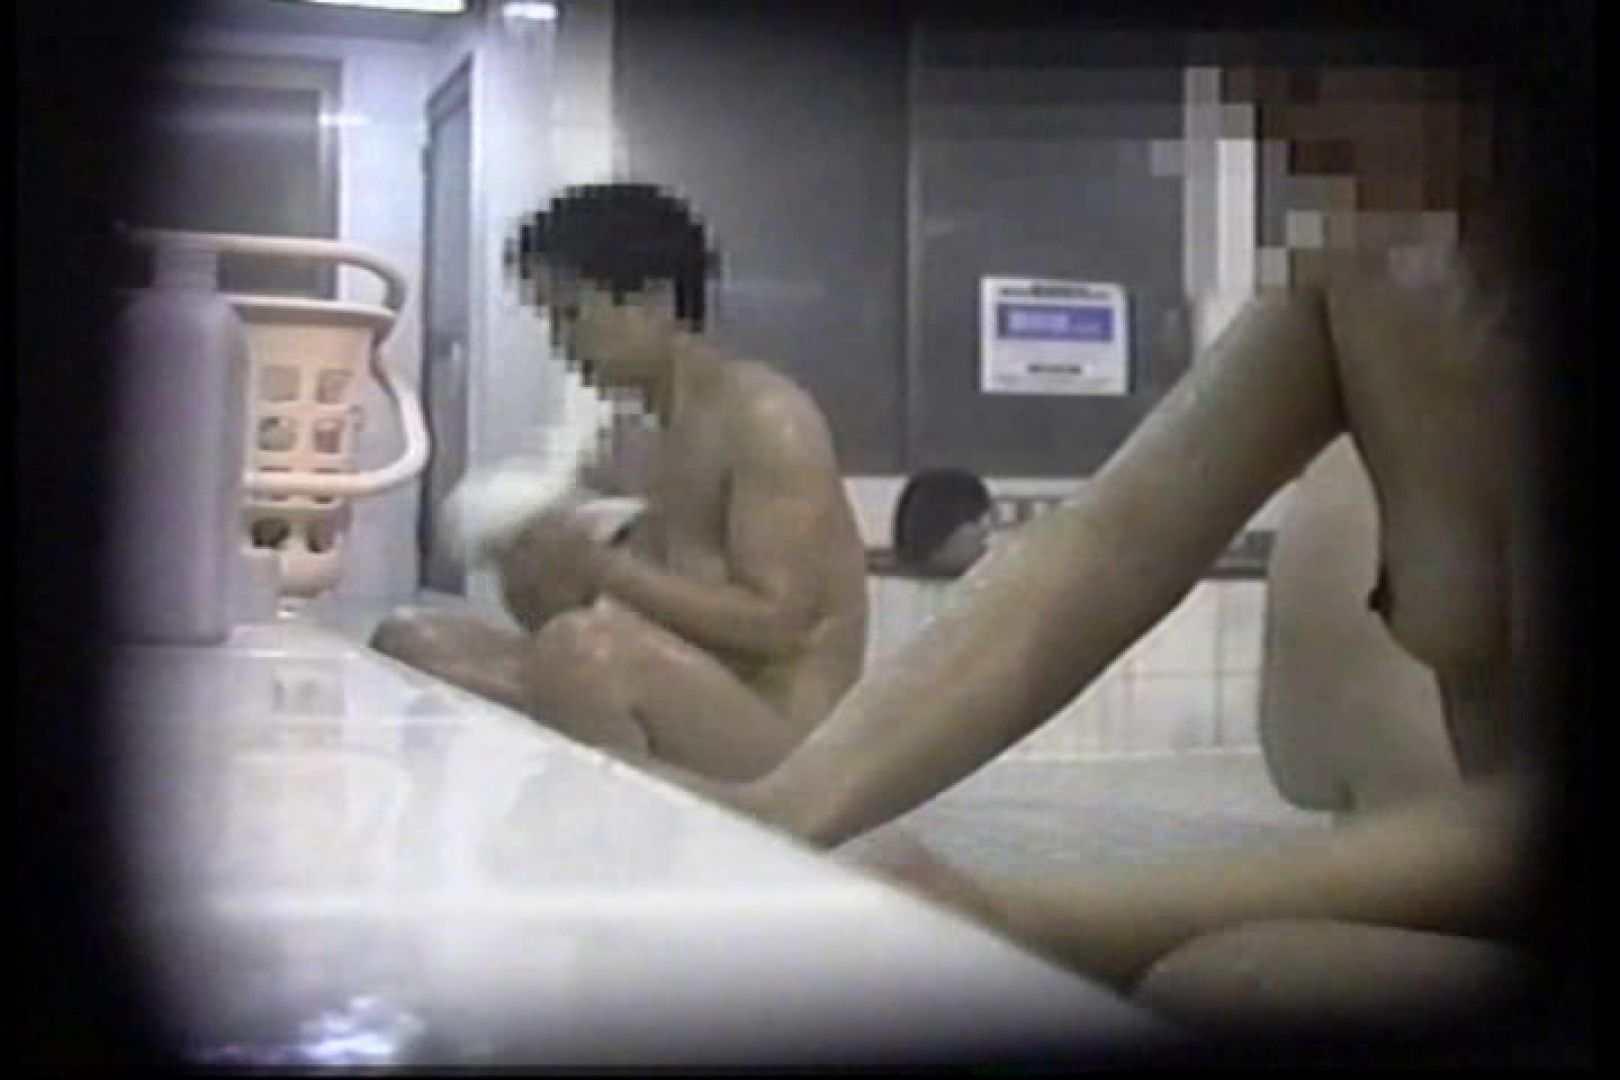 洗面器にカメラを仕込んで洗い場内を移動盗撮 TK-131 盗撮  68pic 50